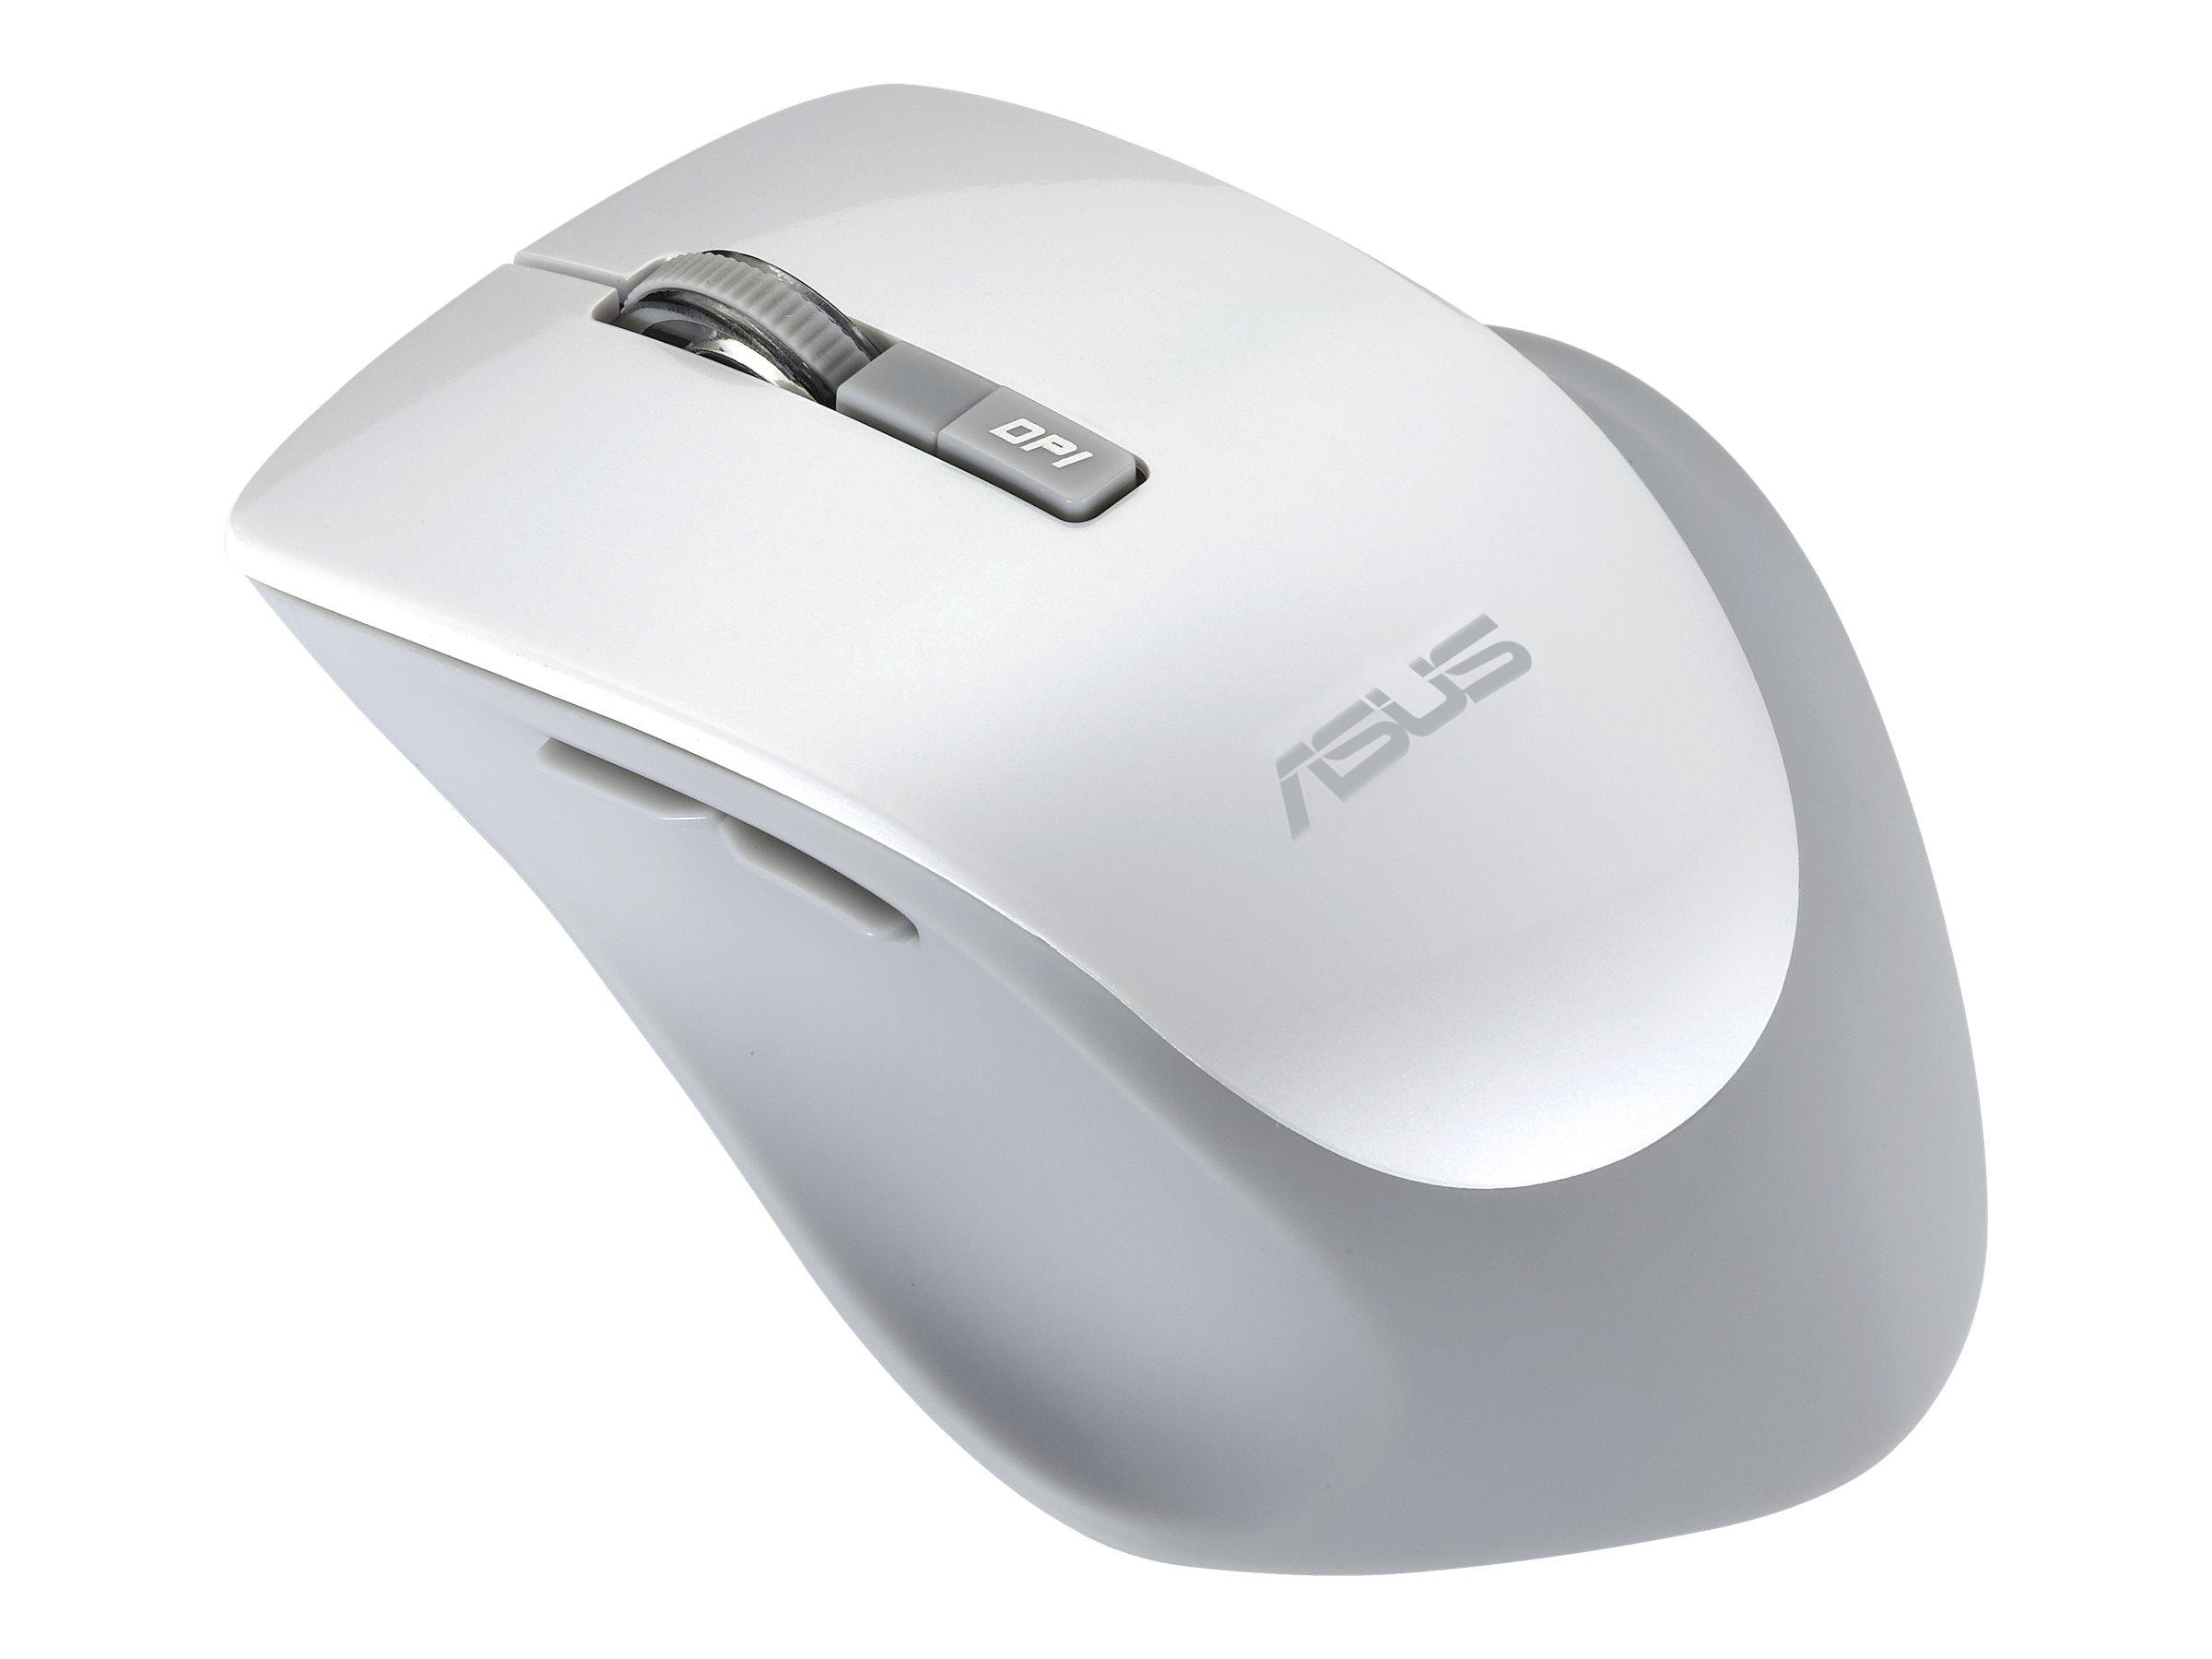 ASUS WT425 - Maus - Für Rechtshänder - optisch - 6 Tasten - kabellos - 2.4 GHz - kabelloser Empfänger (USB)